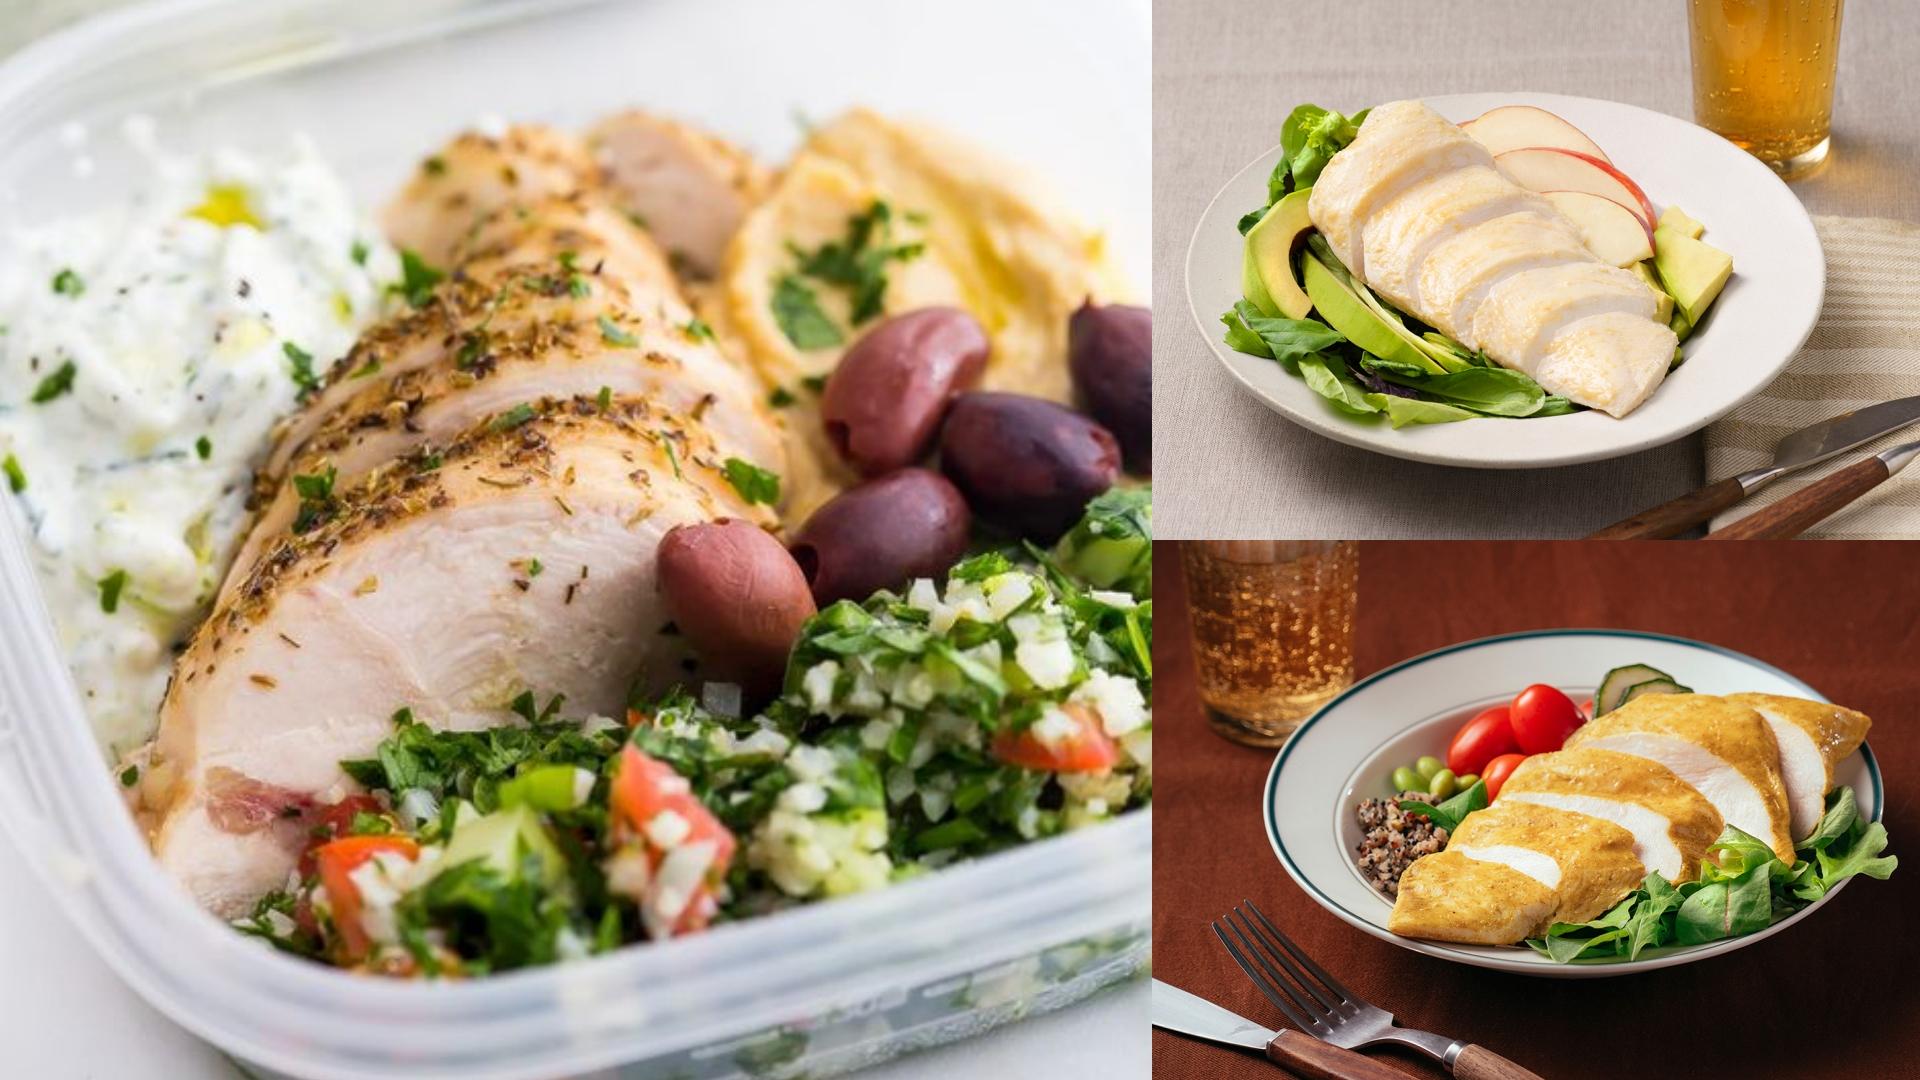 金豐盛 日日系列即食雞胸肉,肉質軟嫩又含有豐富蛋白質,家樂福就能買到超方便!